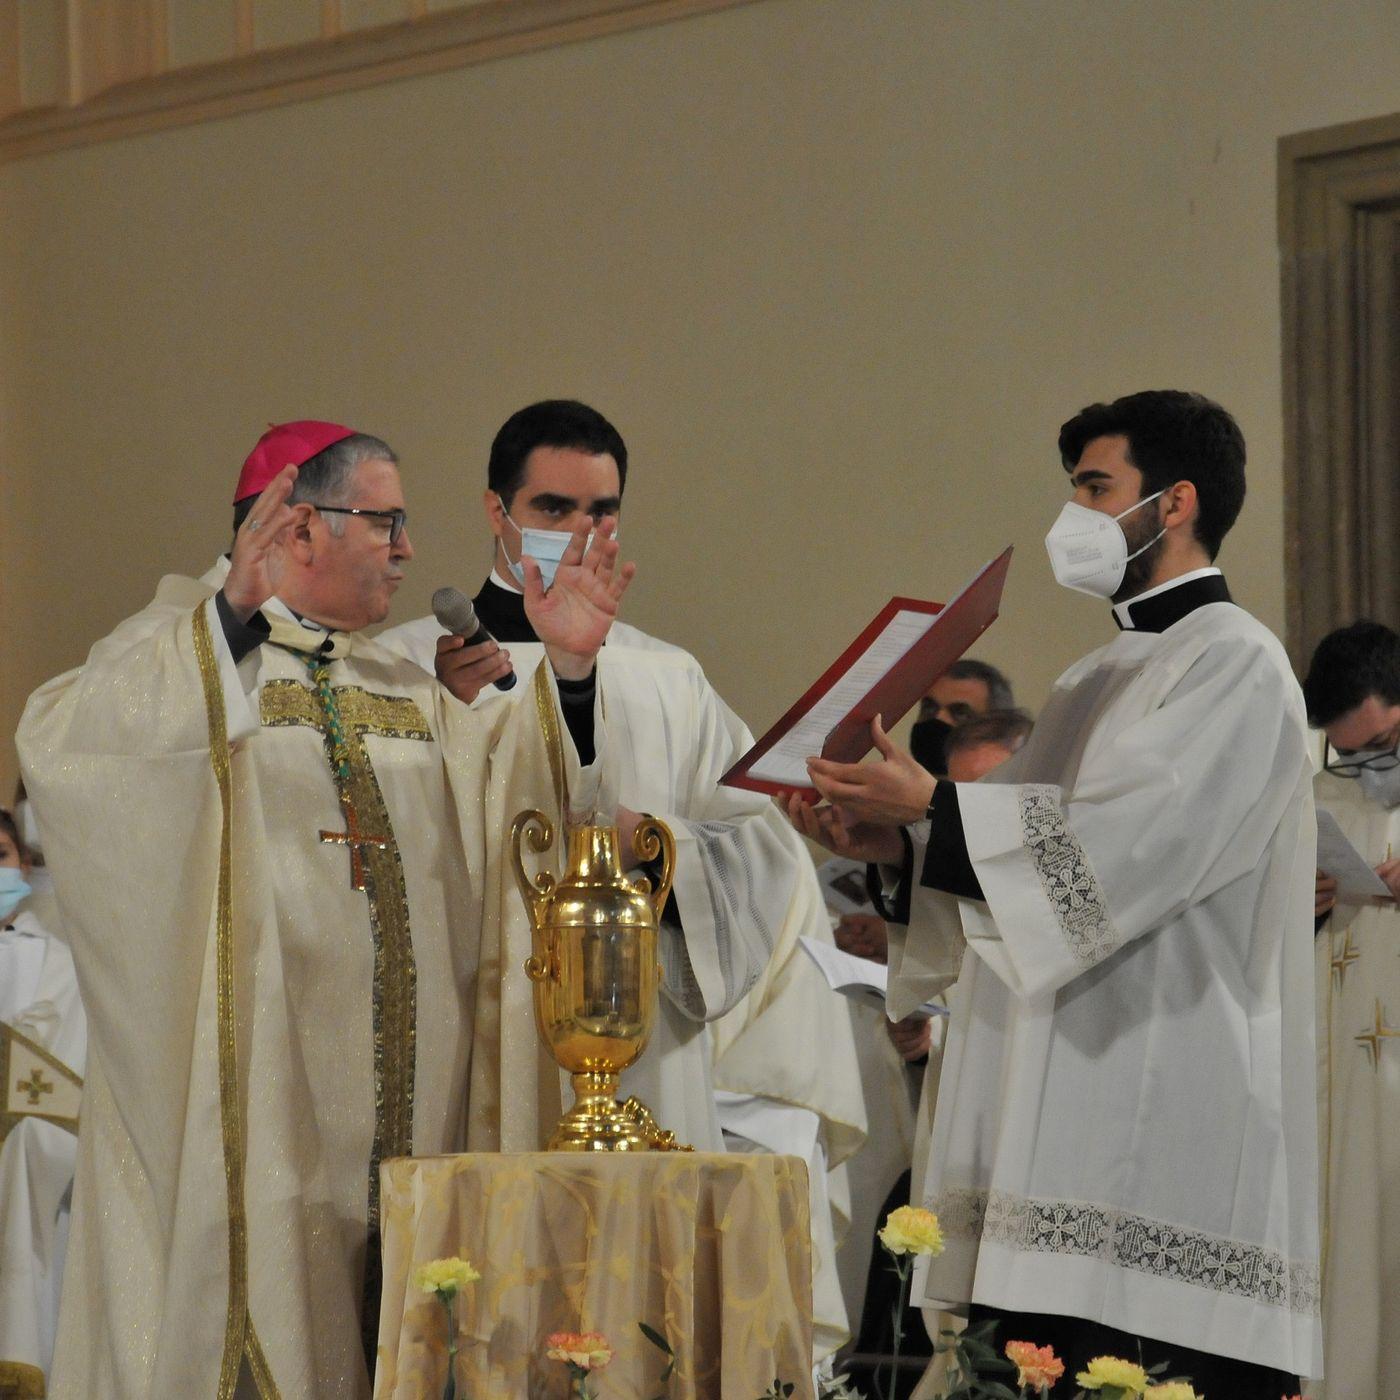 Messa del Crisma 2021 - Omelia mons. Luigi Vari